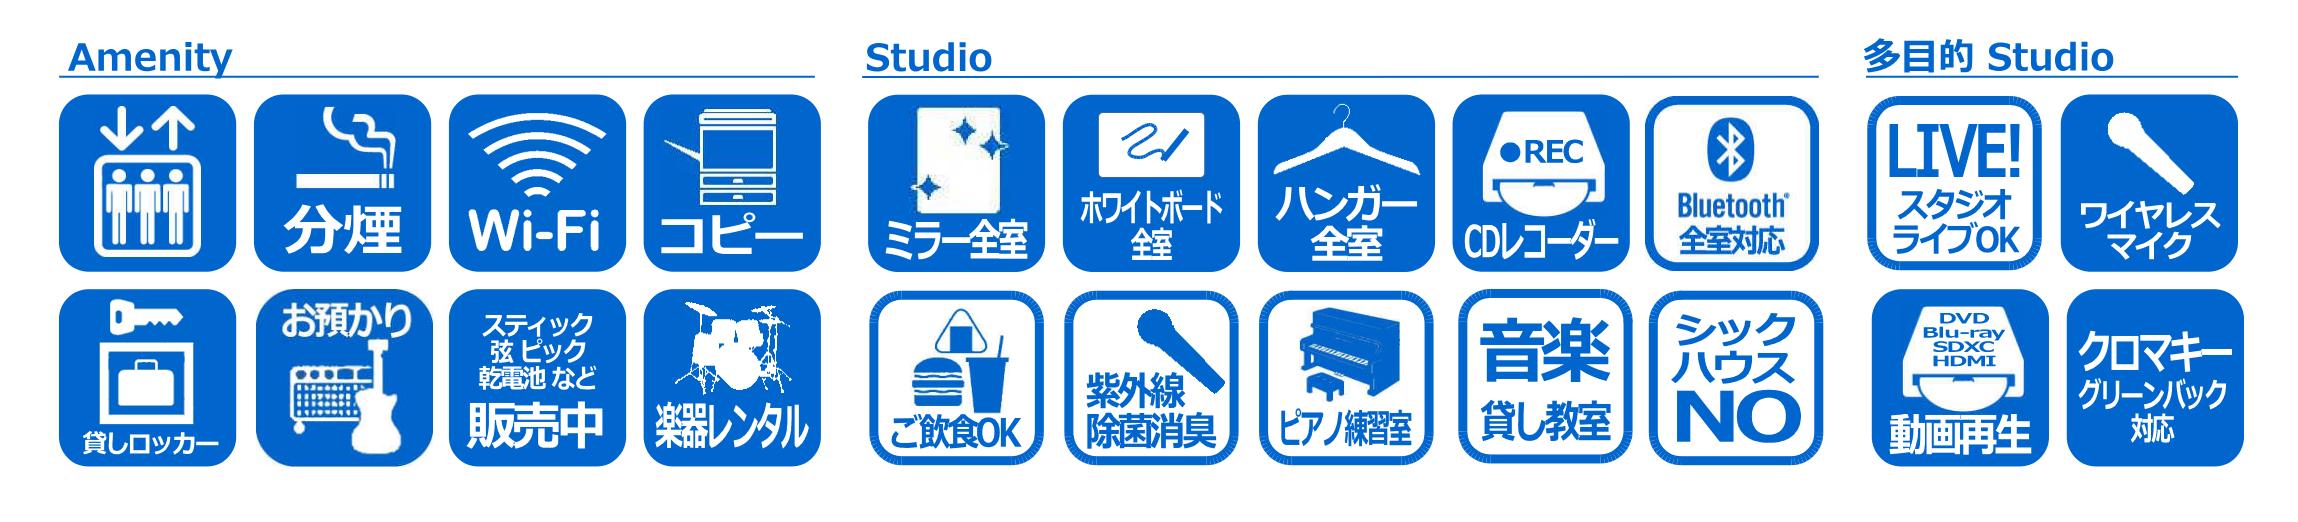 音楽天国・京都河原町店店のアメニティ